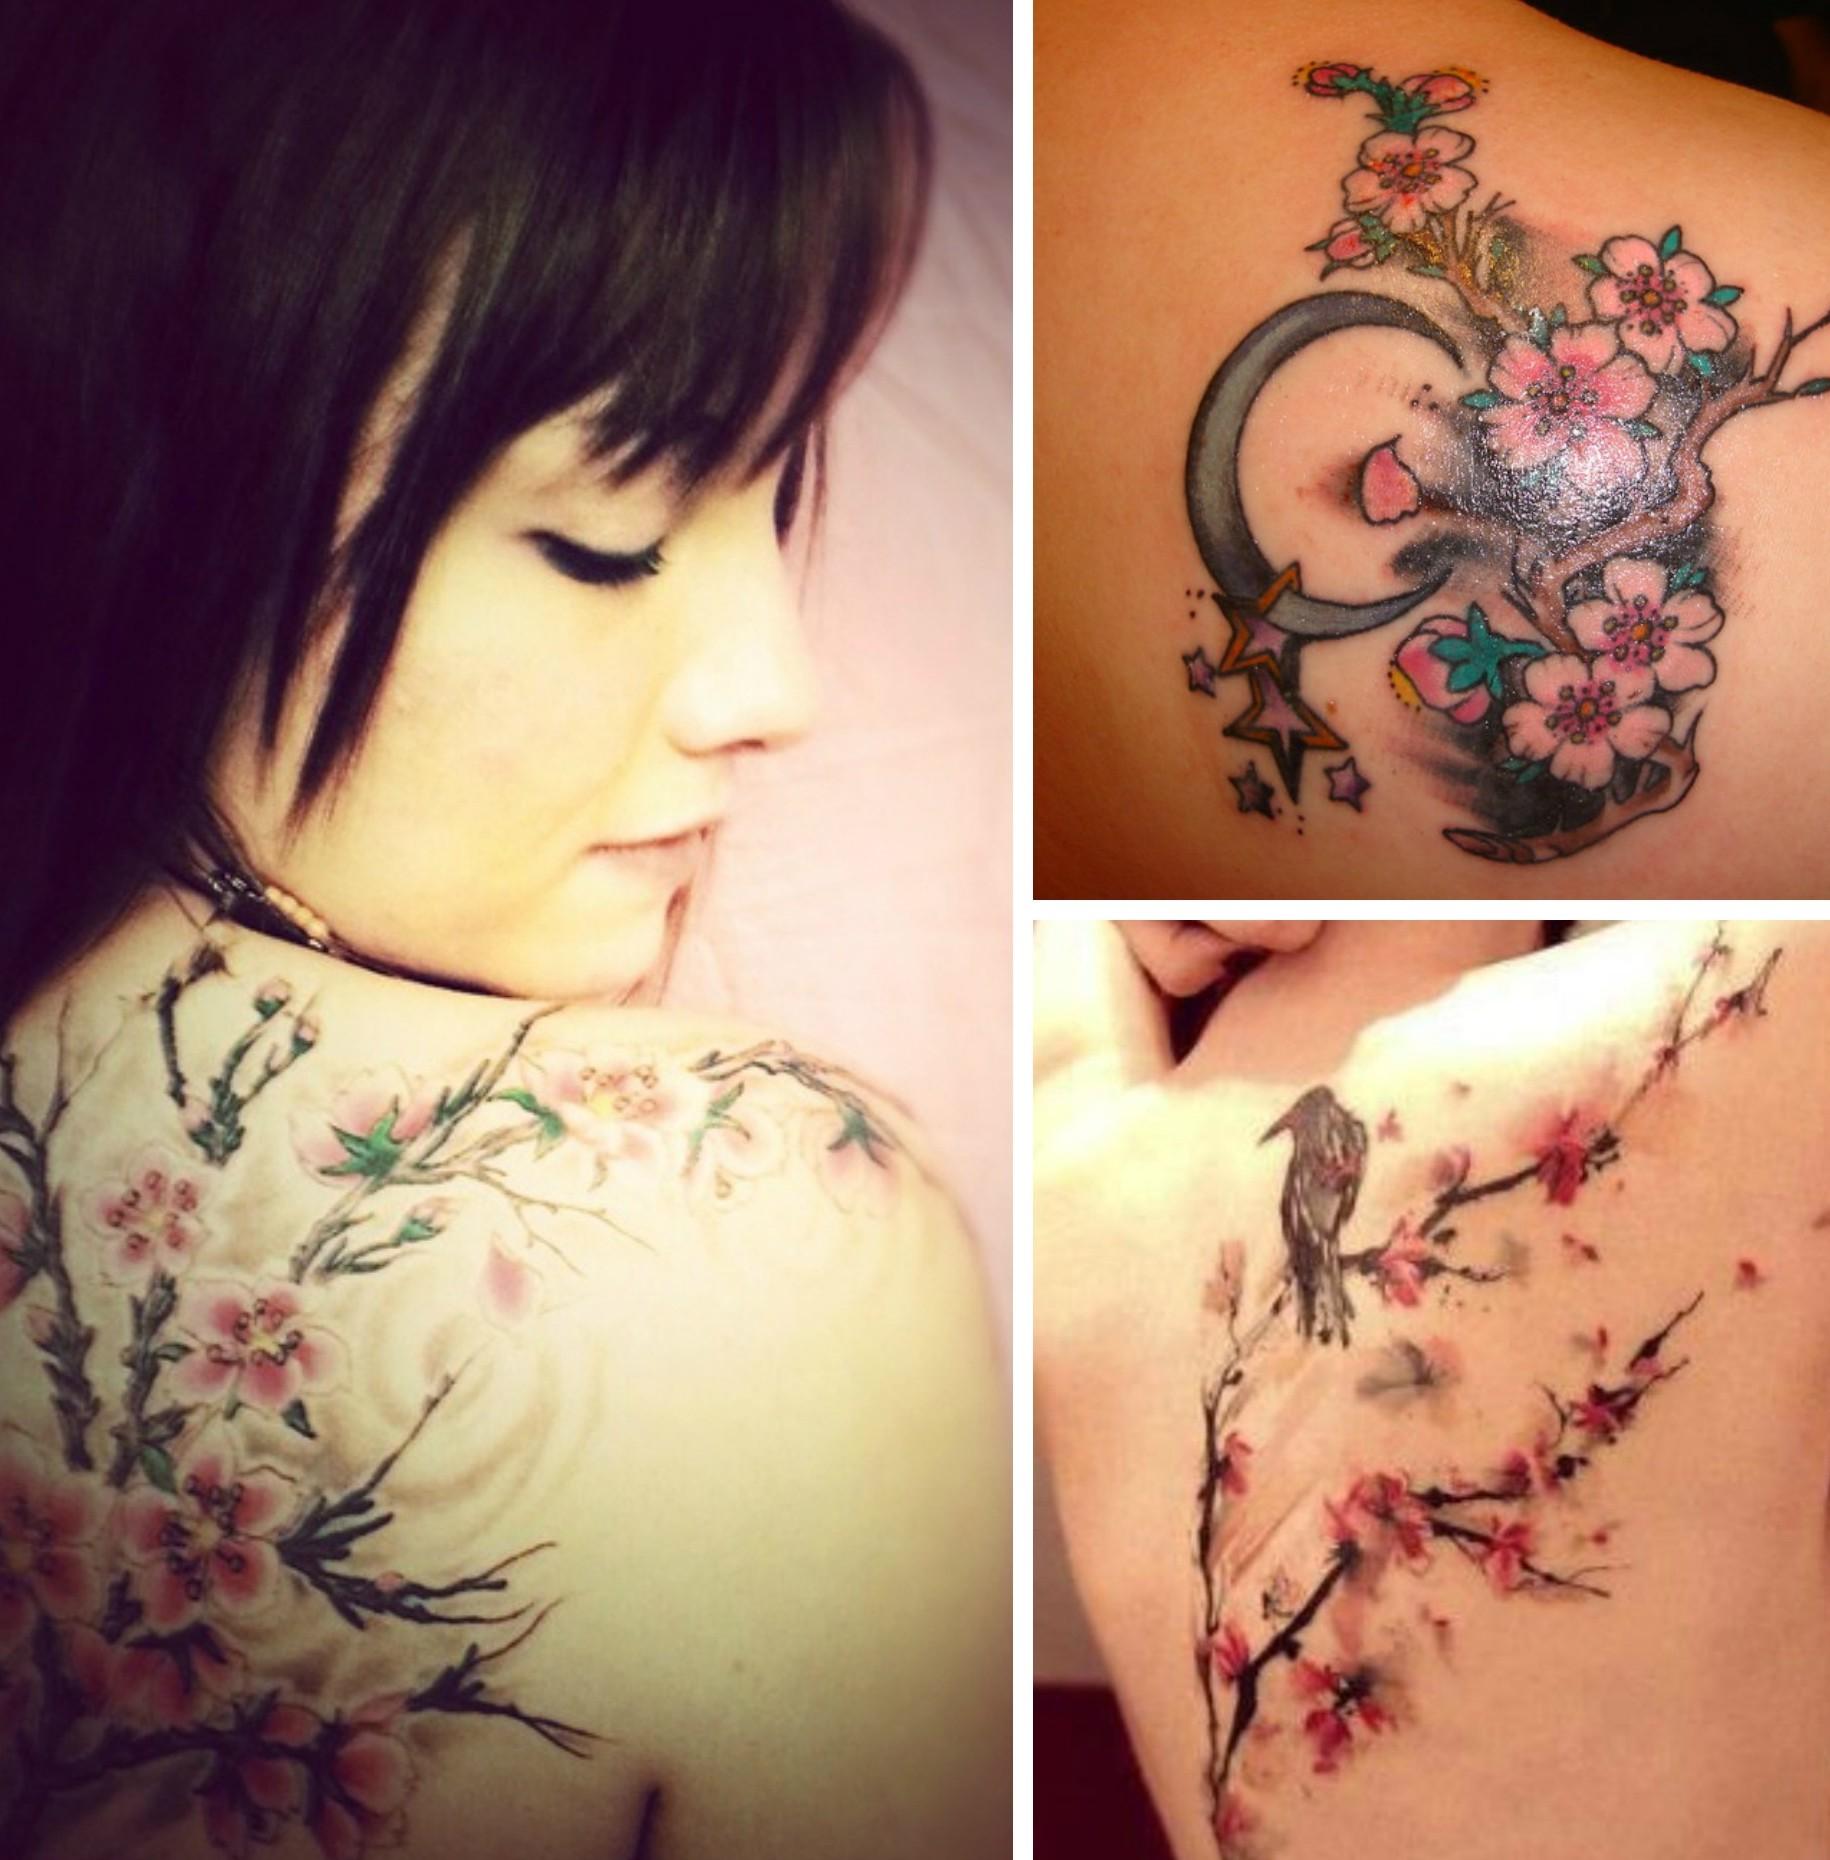 Tatouages301 tatouage branche de cerisier - Signification emplacement tatouage ...